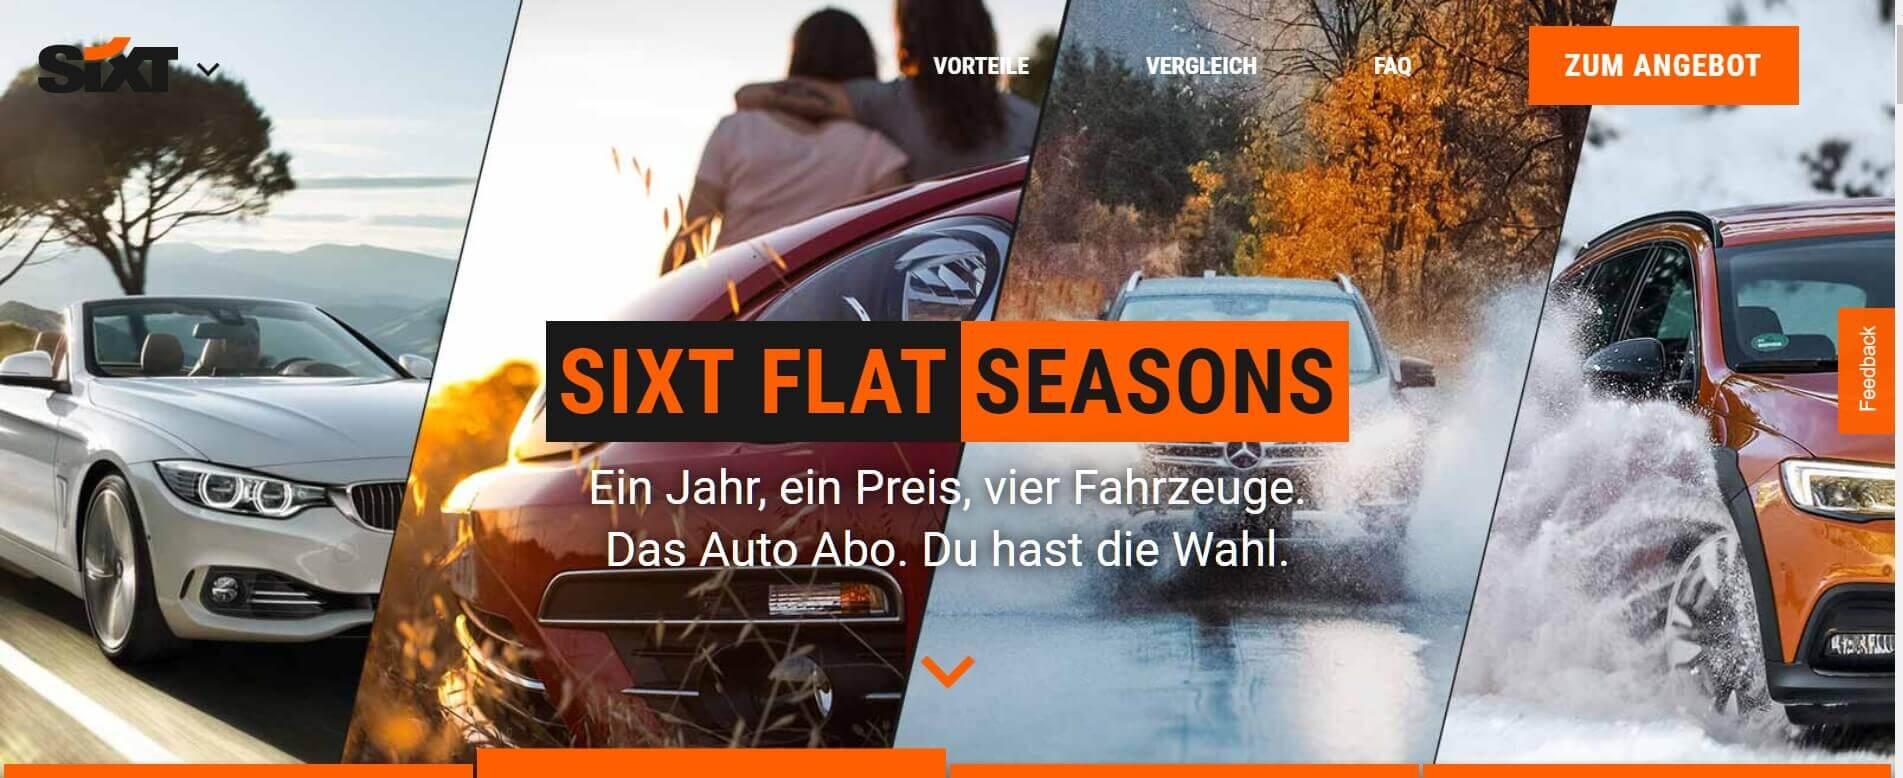 Auto Abo Sixt Seasons